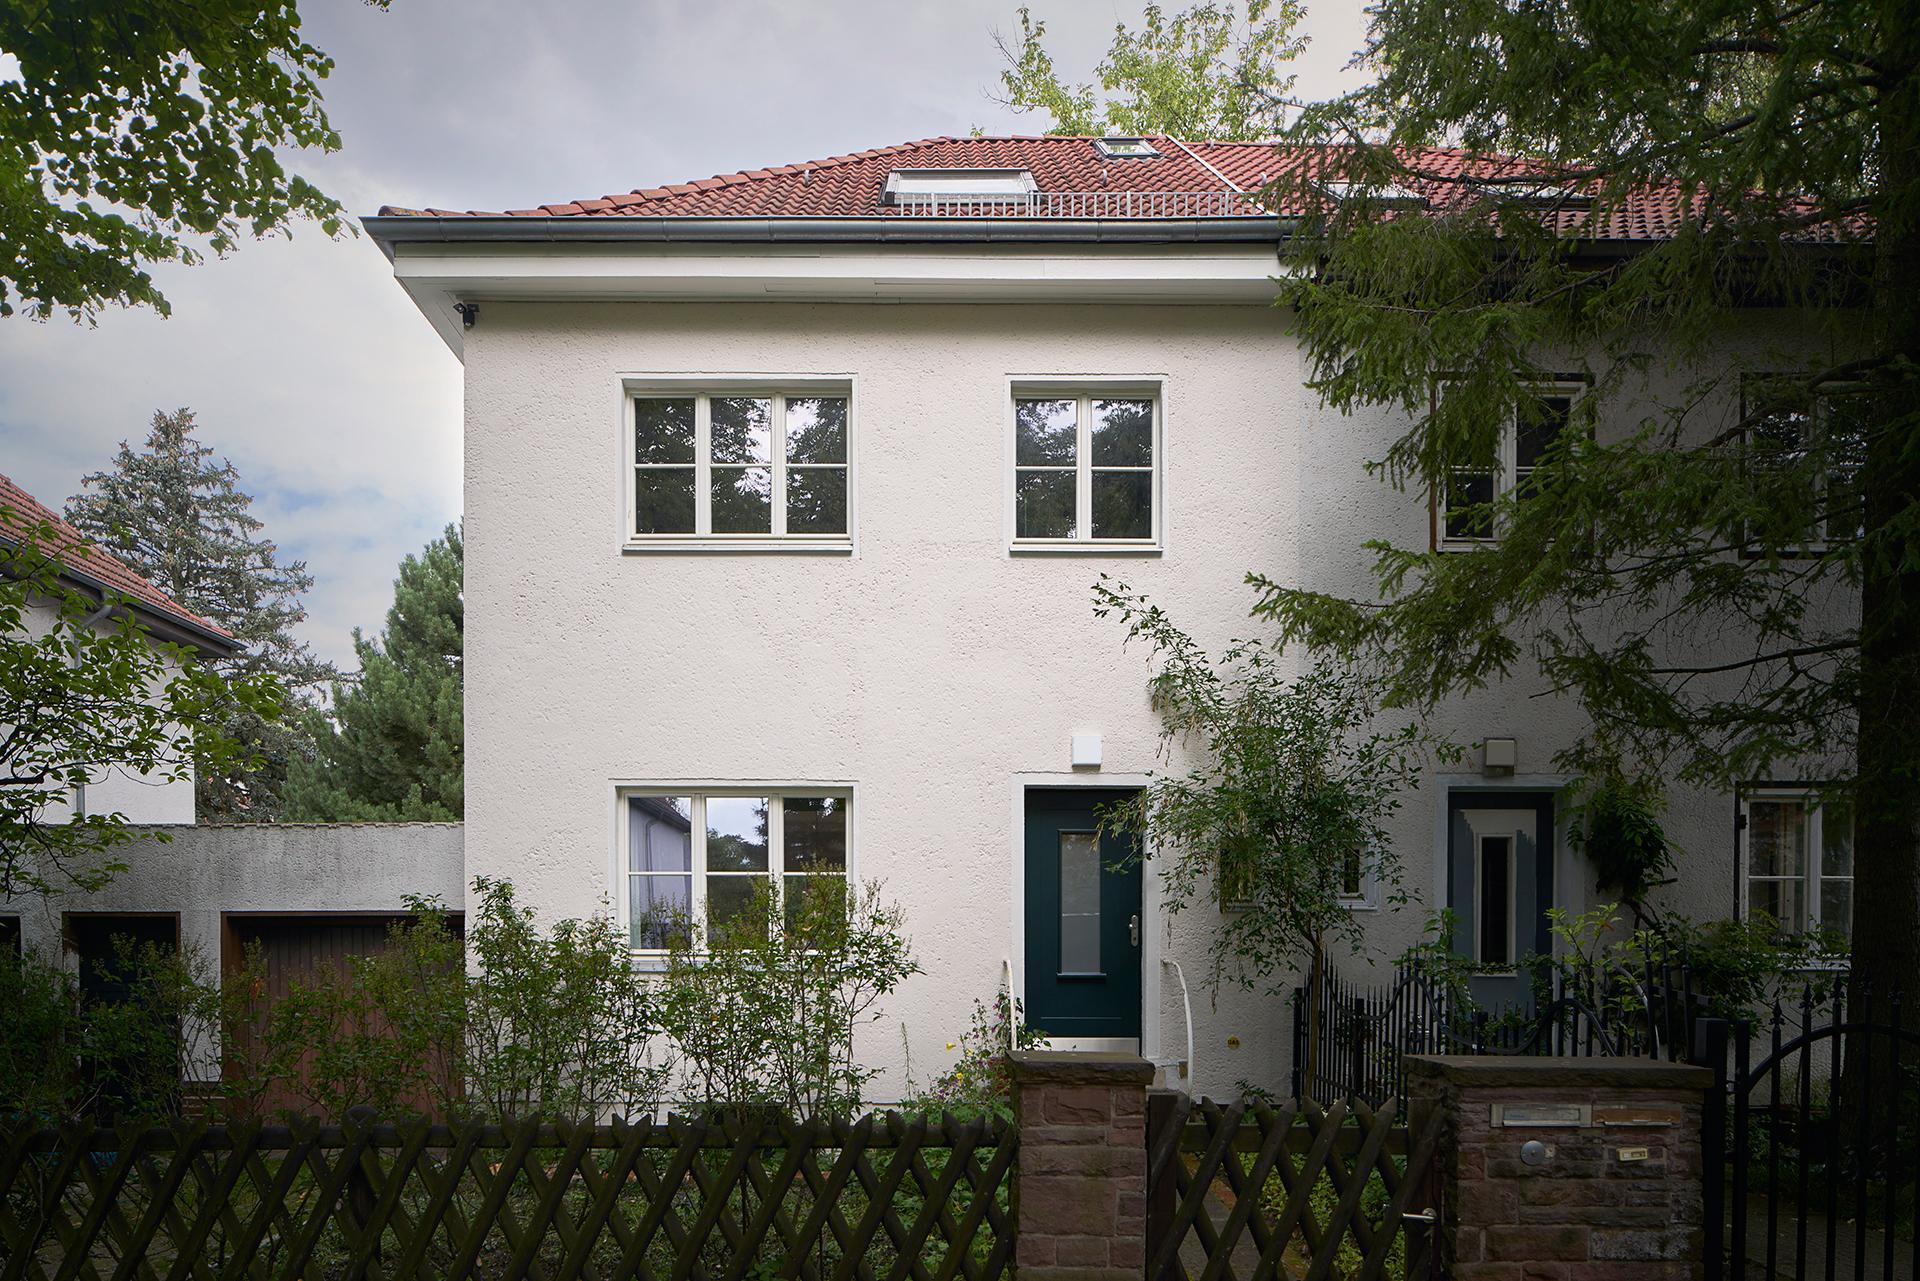 Umbau Und Modernisierung Eines Siedlungshauses Von 1937 In